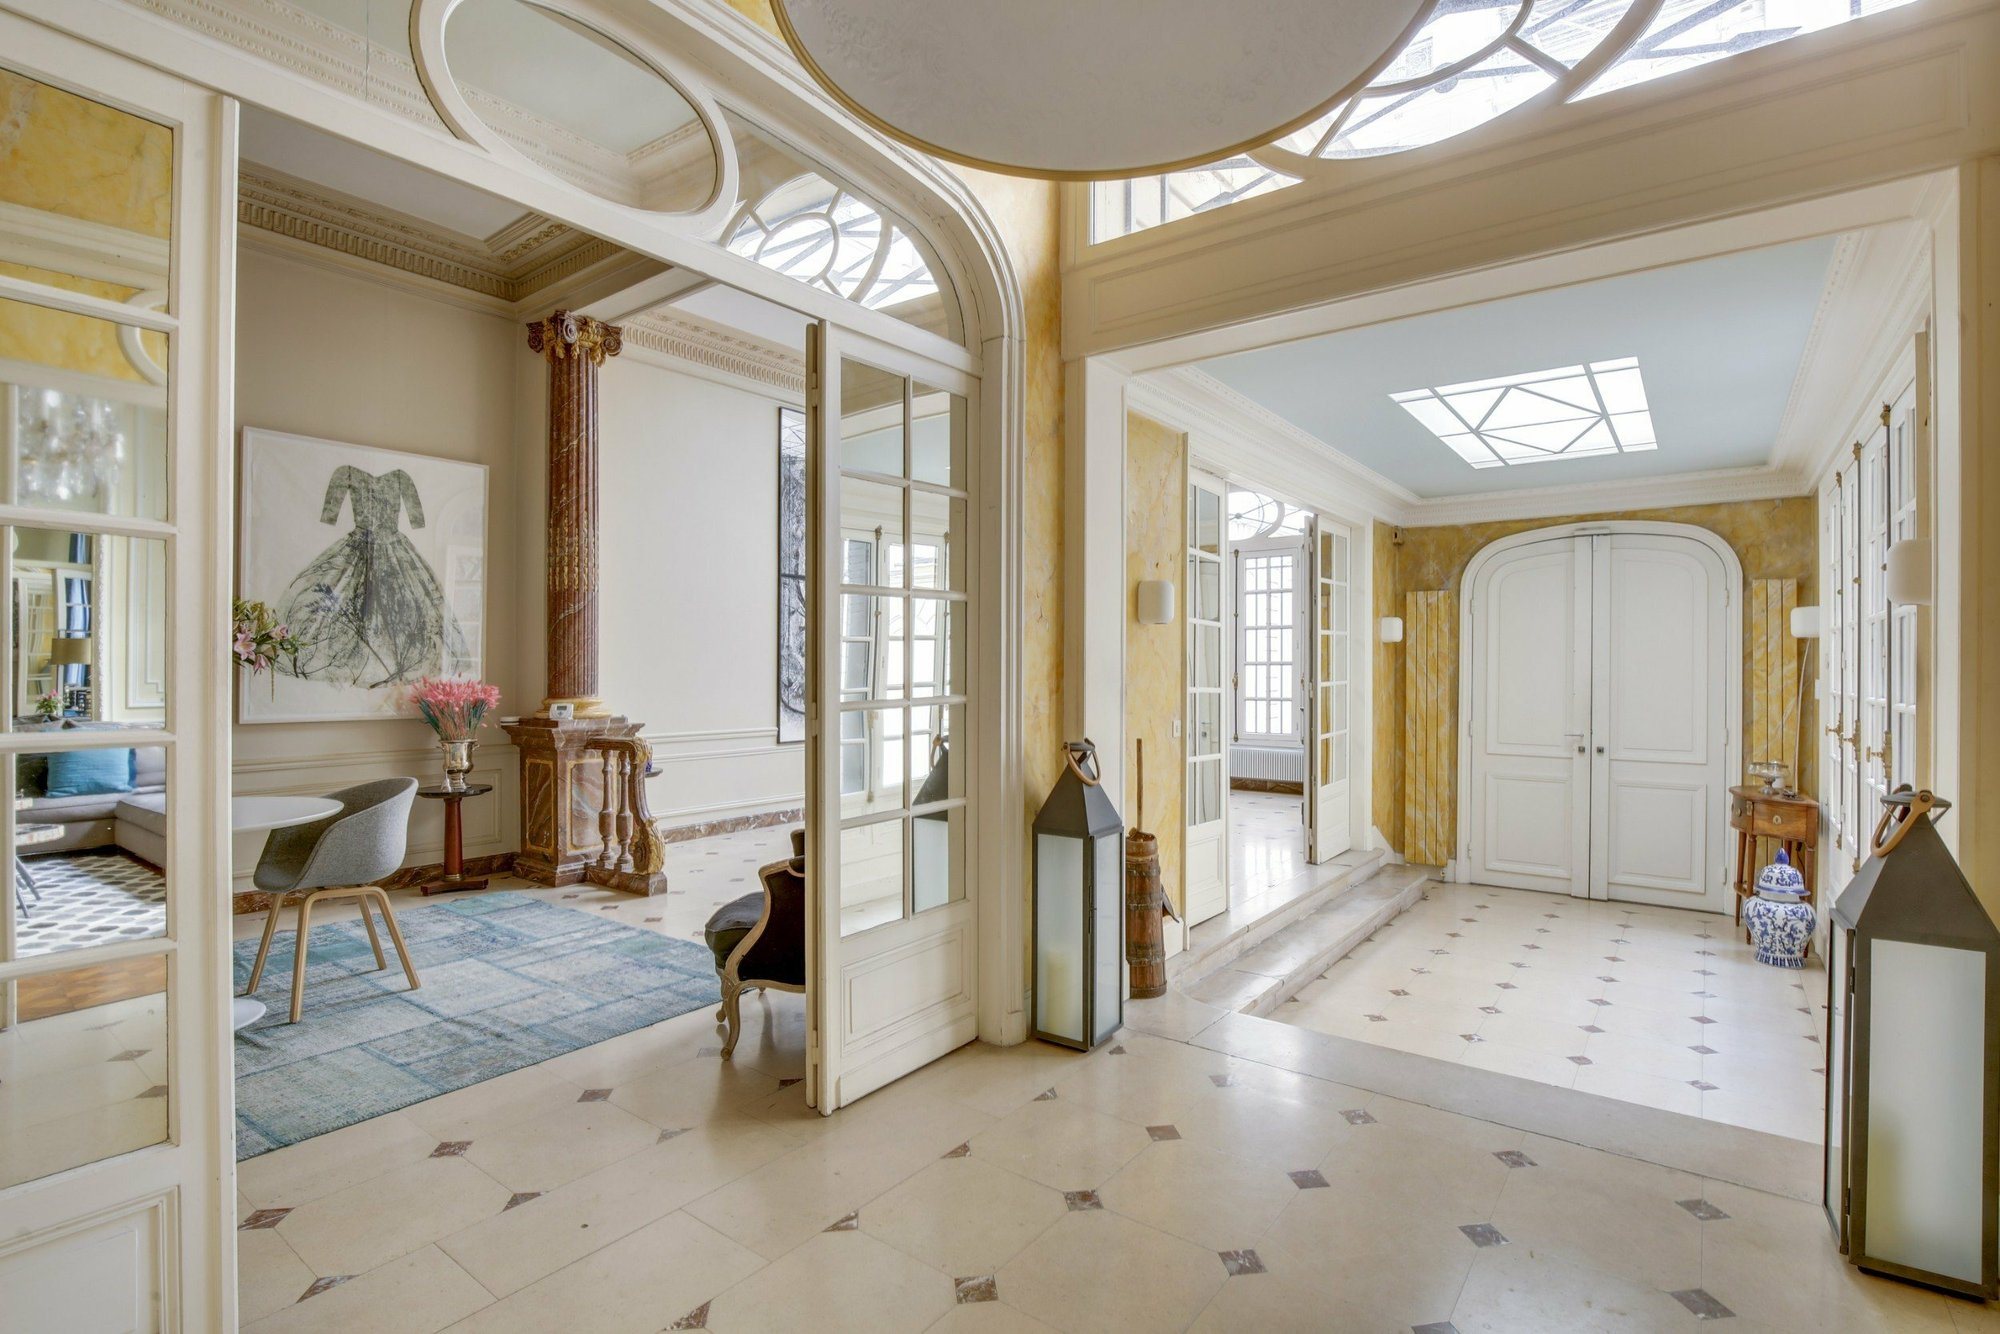 House in Île-de-France, France 1